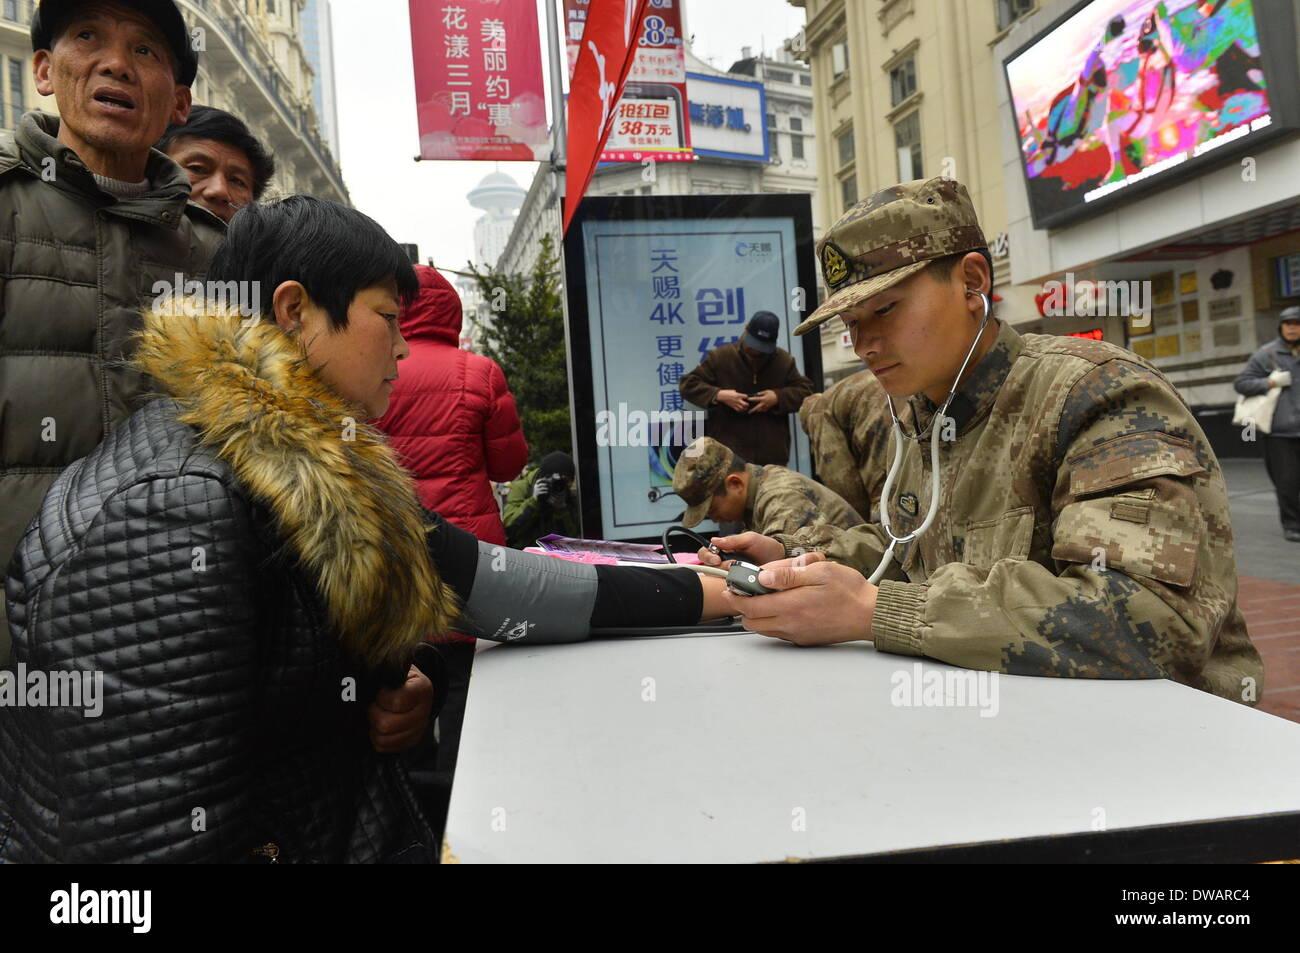 """Shanghai, soldato cinese negli anni sessanta. Il 15 agosto, 1962. Un volontario medico militare controlli di una donna e la pressione del sangue a Shanghai in Cina orientale, 5 marzo 2014, in occasione della """"Lei Feng's Day"""", che cade il 5 marzo di ogni anno. Lei, un giovane soldato cinese negli anni sessanta, è noto per aver dedicato quasi tutto il suo tempo di ricambio e denaro per aiutare disinteressatamente i bisognosi. Egli è morto dopo essere stato colpito da una caduta di pole mentre aiutando un compagno soldato dirigere un carrello su 15 Agosto 1962. Credito: Guo Changyao/Xinhua/Alamy Live News Immagini Stock"""